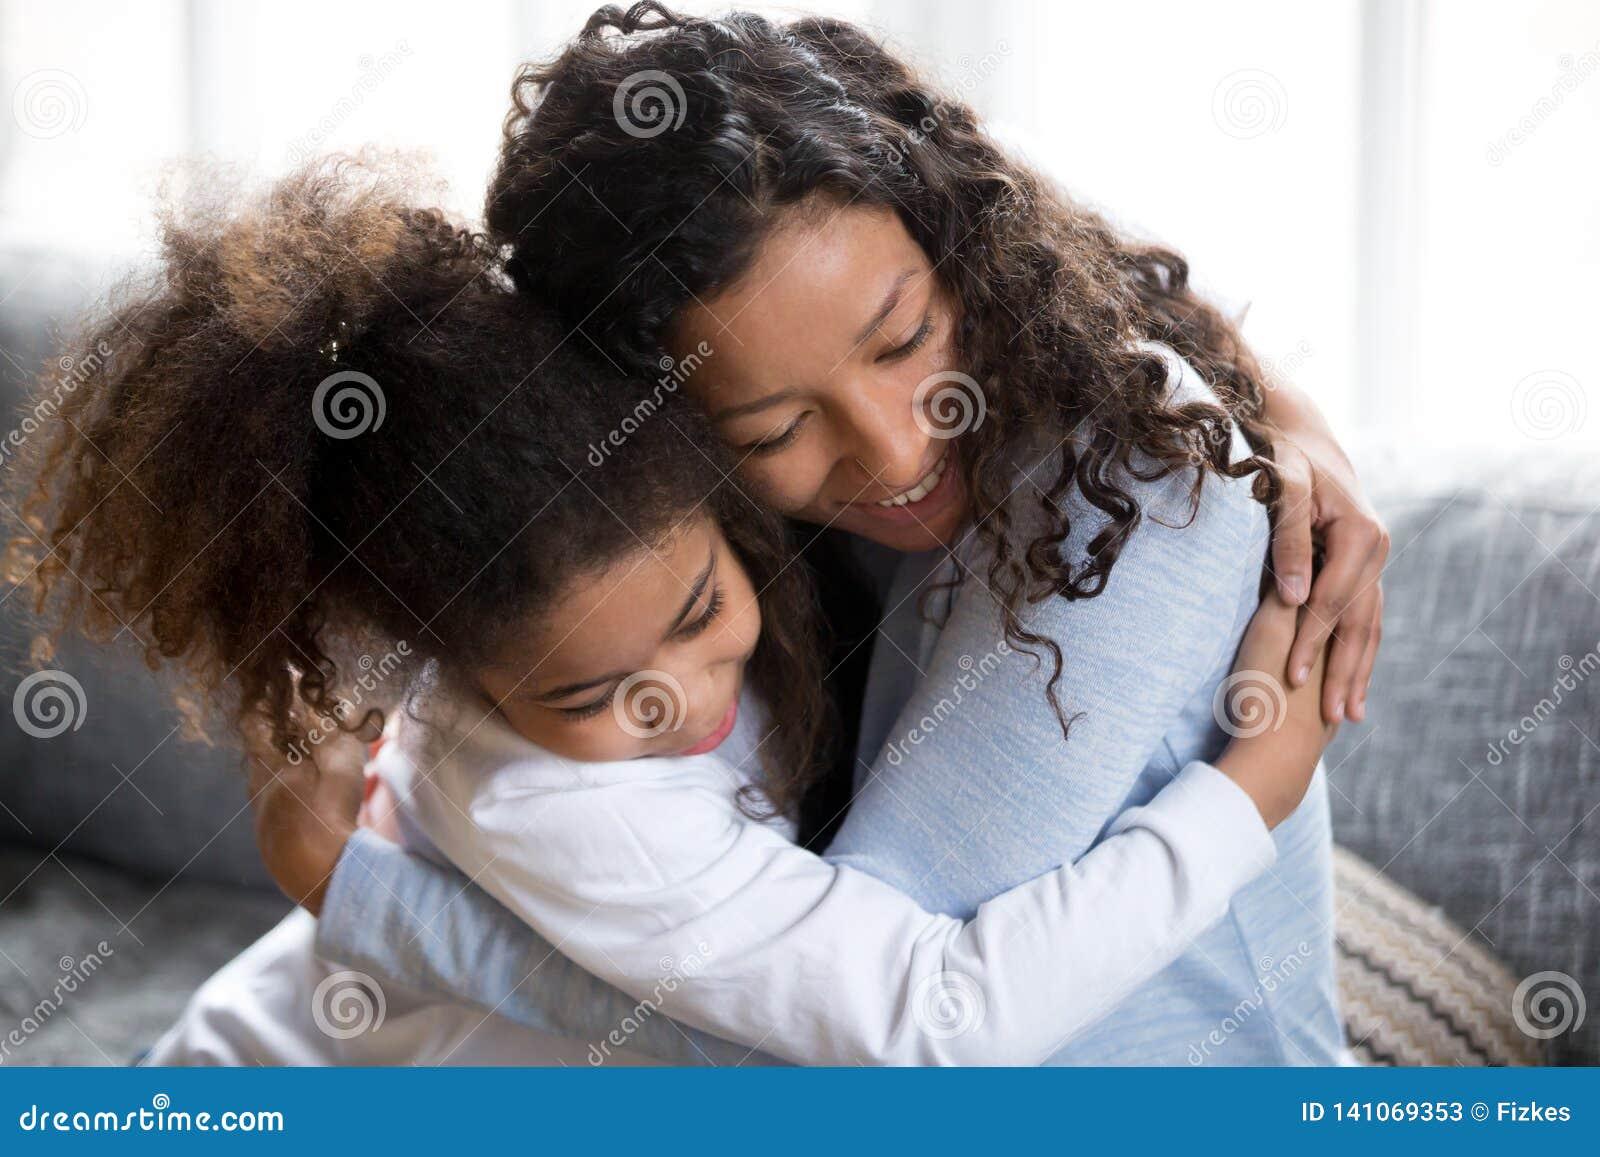 Abbraccio afroamericano felice della figlia e della mamma che fa pace